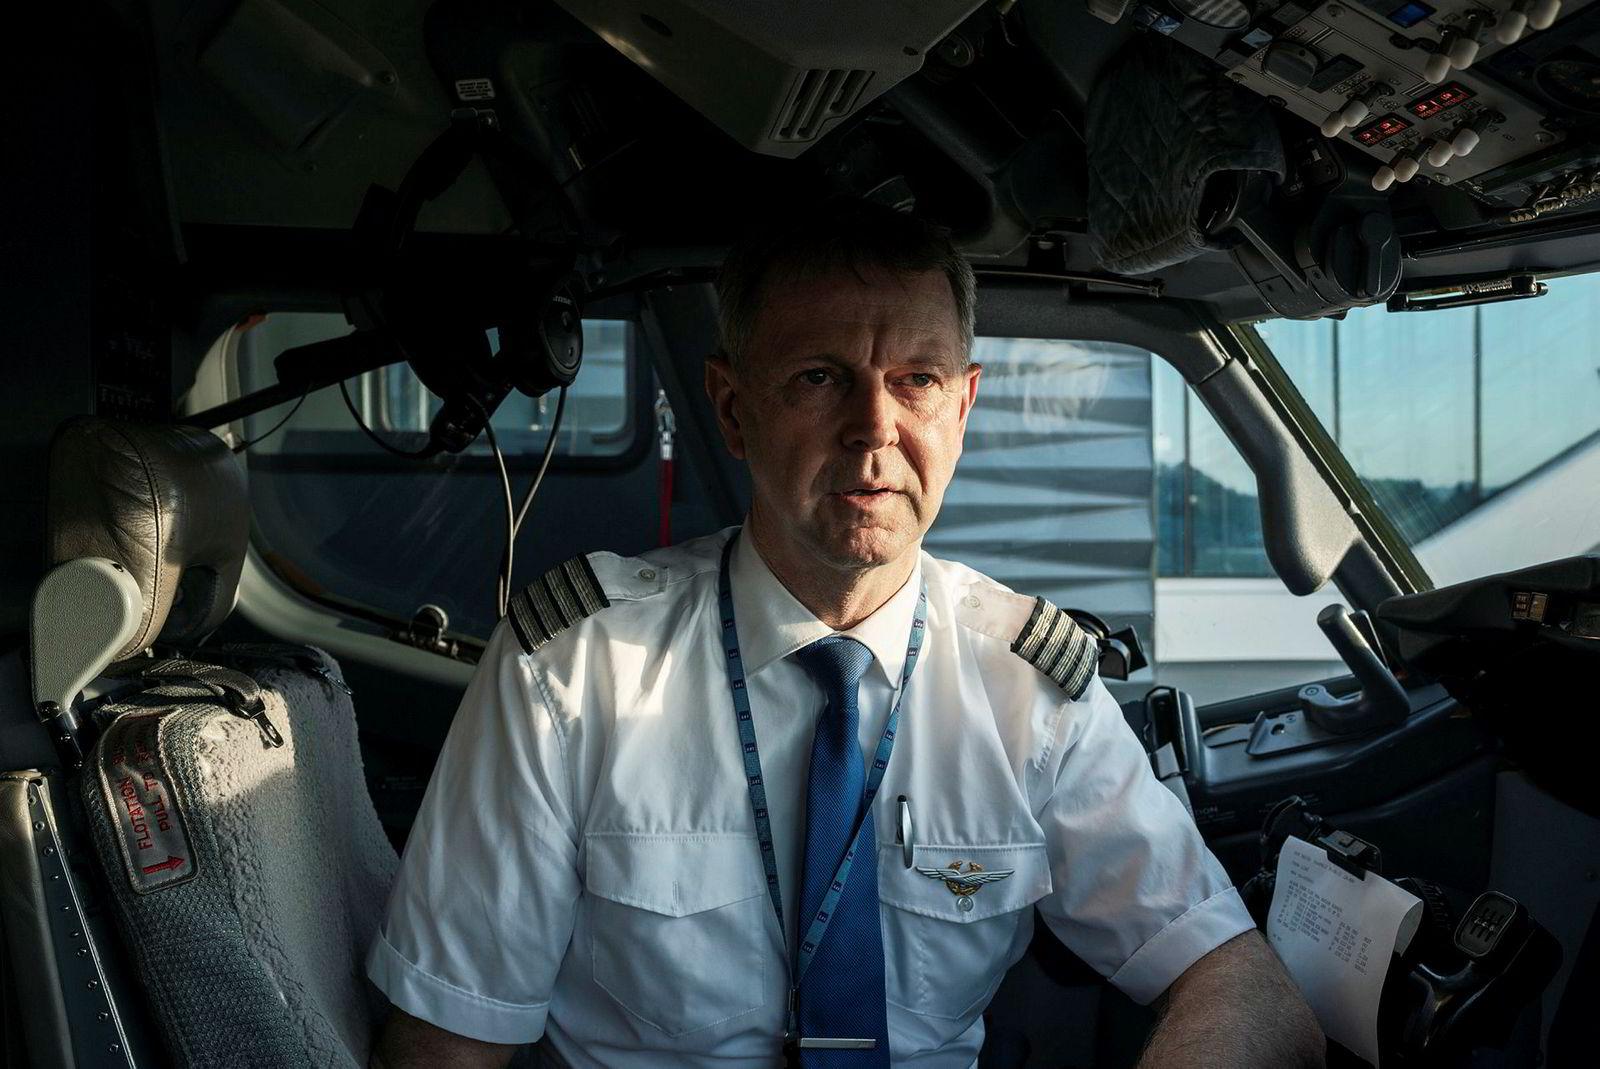 SAS-kaptein Frode Svanes er blant pilotene med mest erfaring som fortsatt flyr mens markedet er nesten borte. Mandag hadde han 15 passasjerer fra Oslo til Bergen – og rundt 50 på returen.